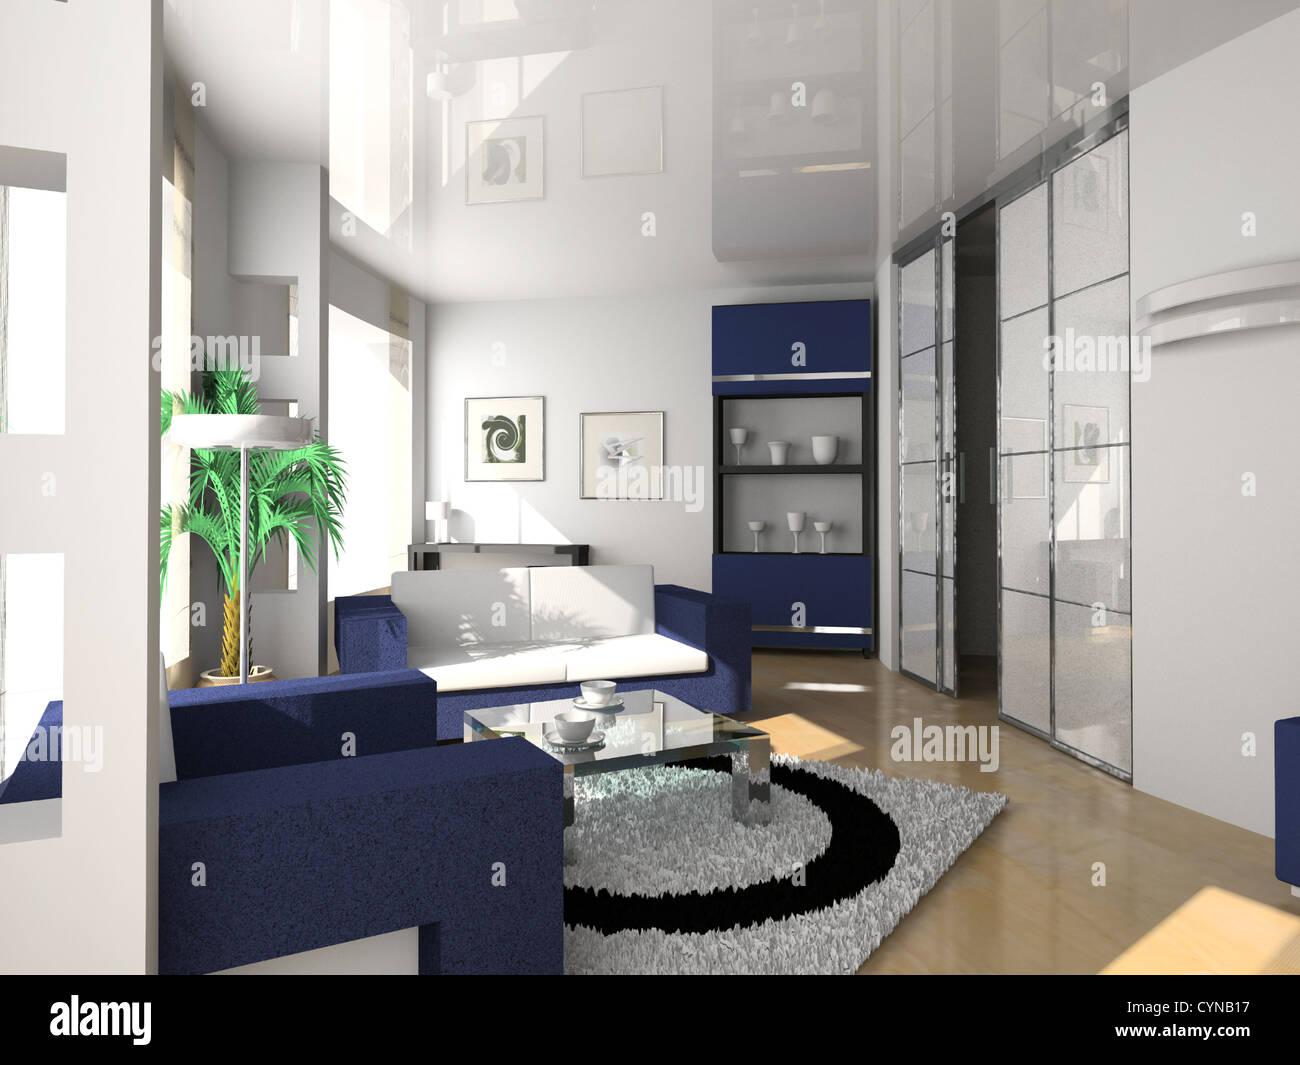 Innenarchitektur modernes Hotel im modernen Stil (Privat Wohnung 3D ...